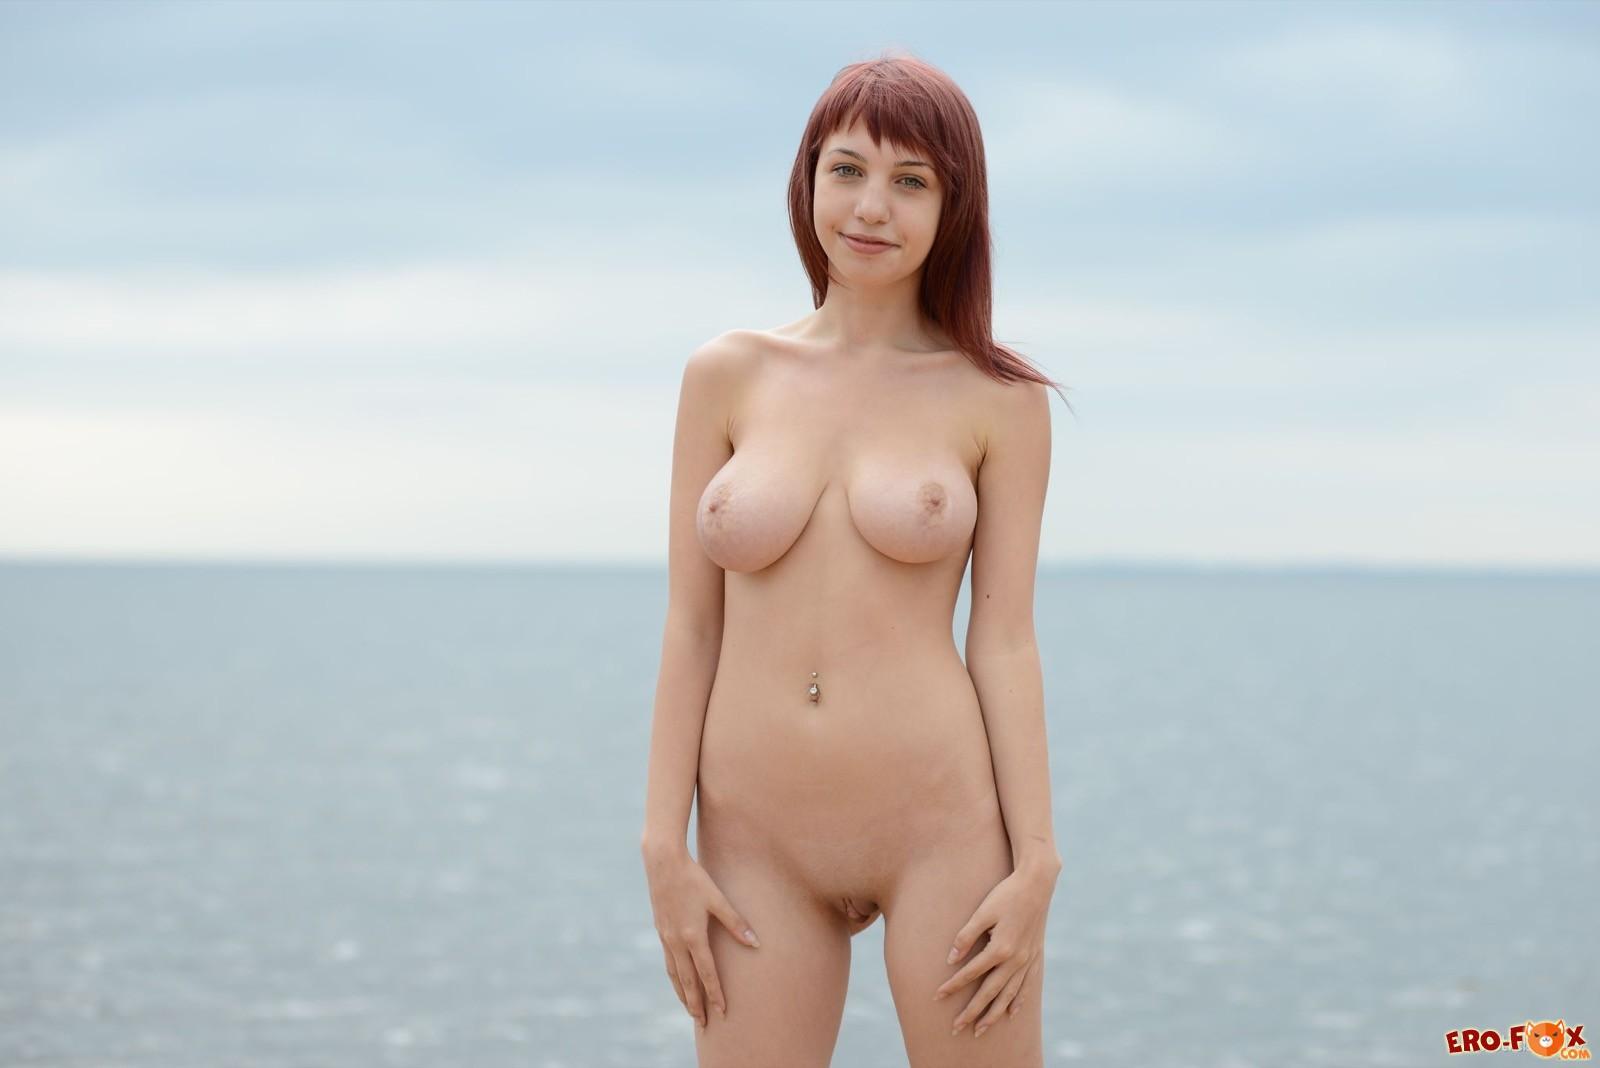 Придя на пляж молодая девушка оголила висячую грудь